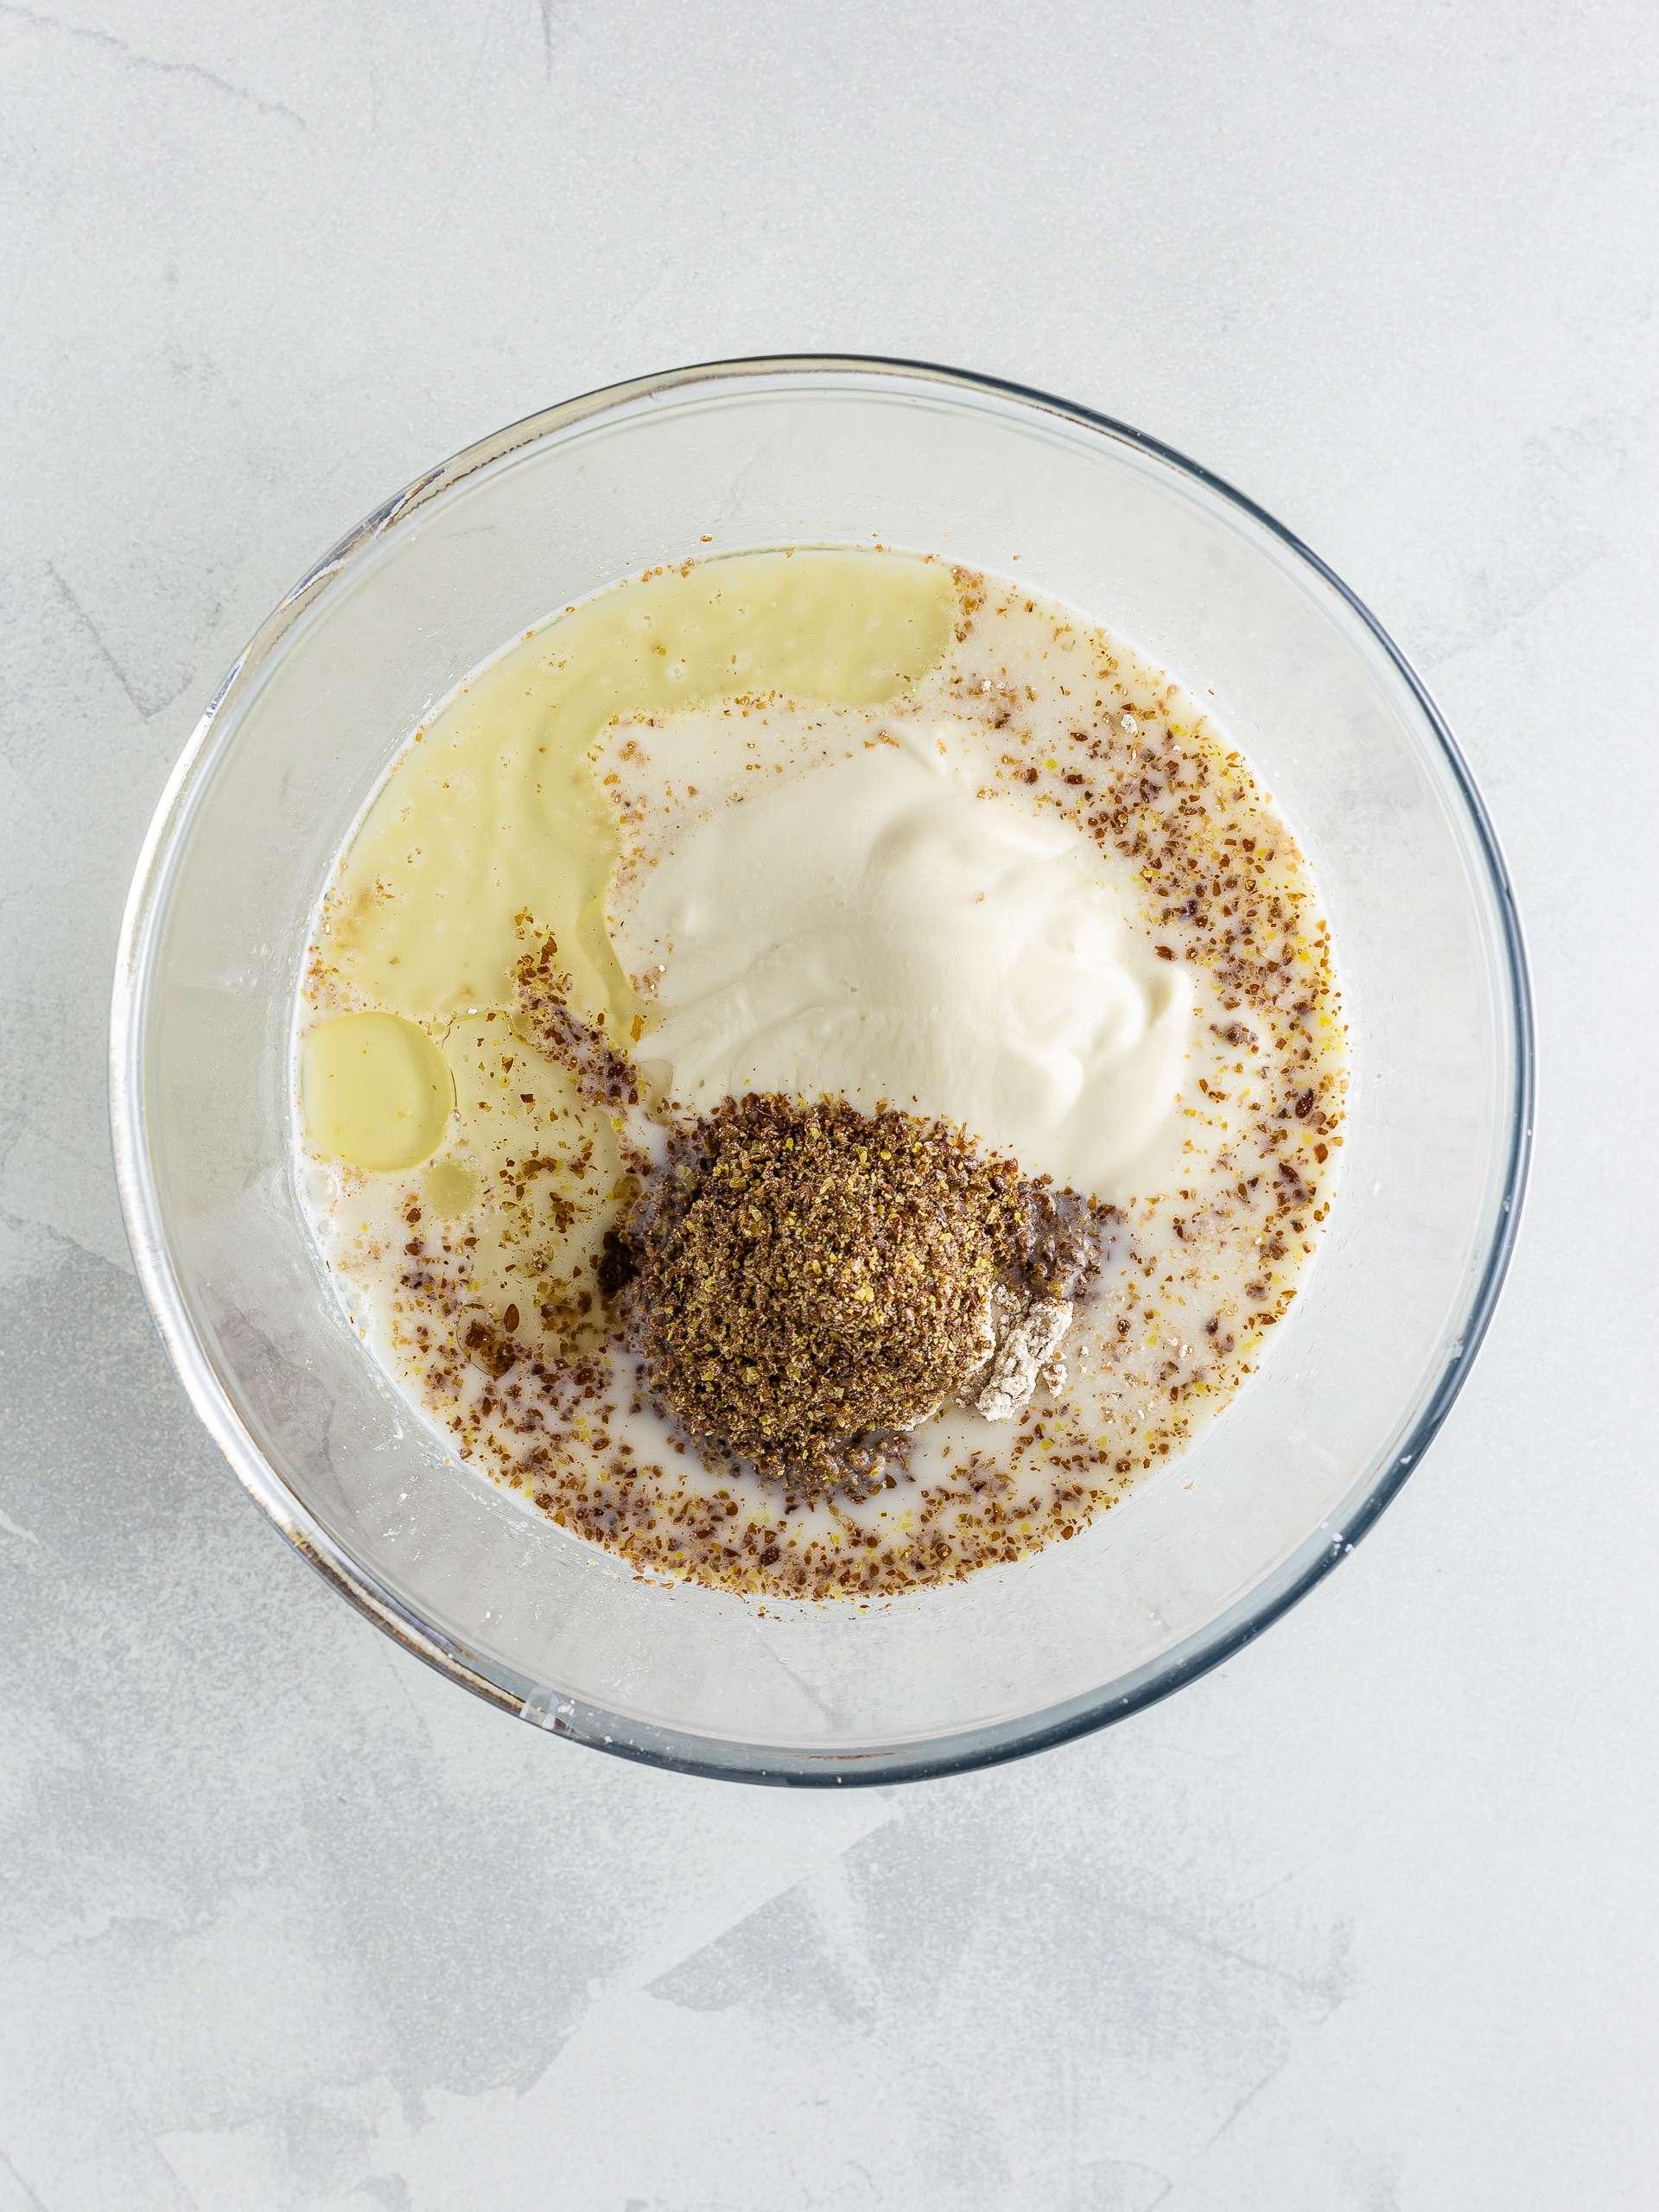 Almond milk crepes ingredients